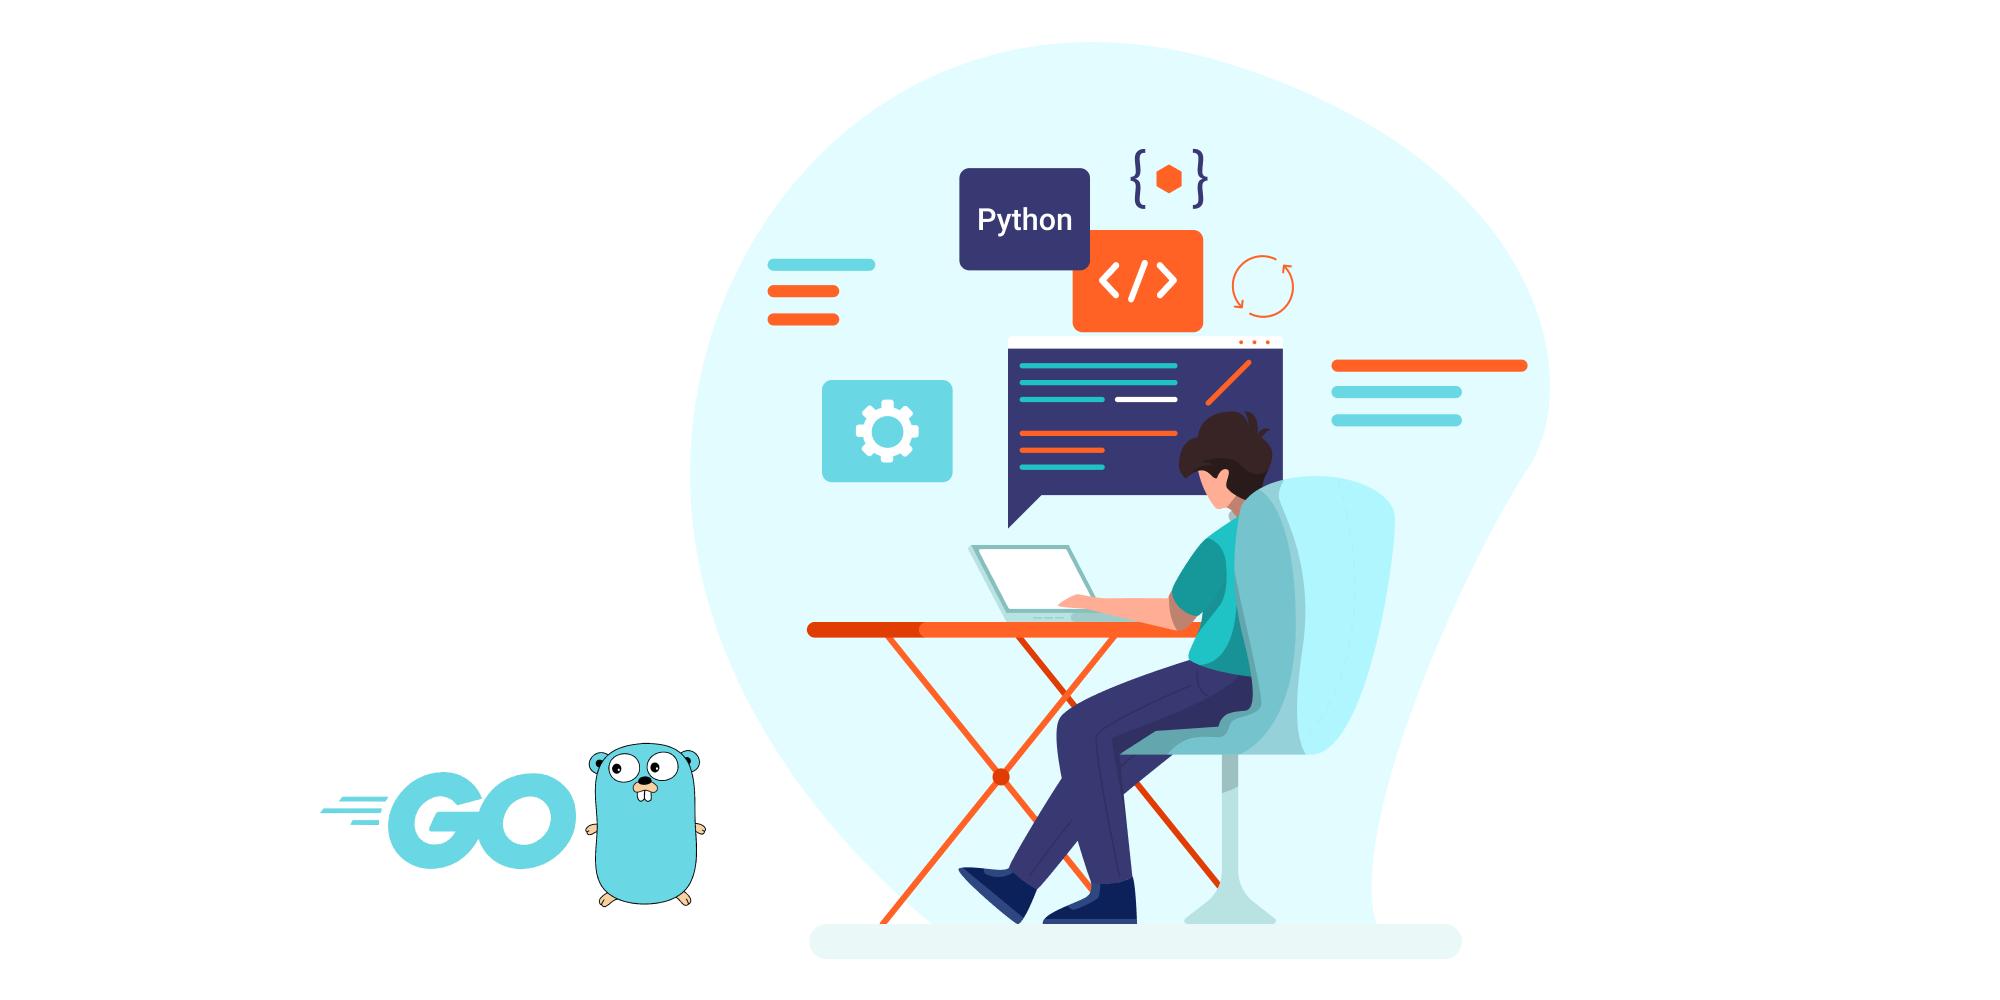 Опыт разработки: почему мы пишем инфраструктуру машинного обучения на Go, а не на Python